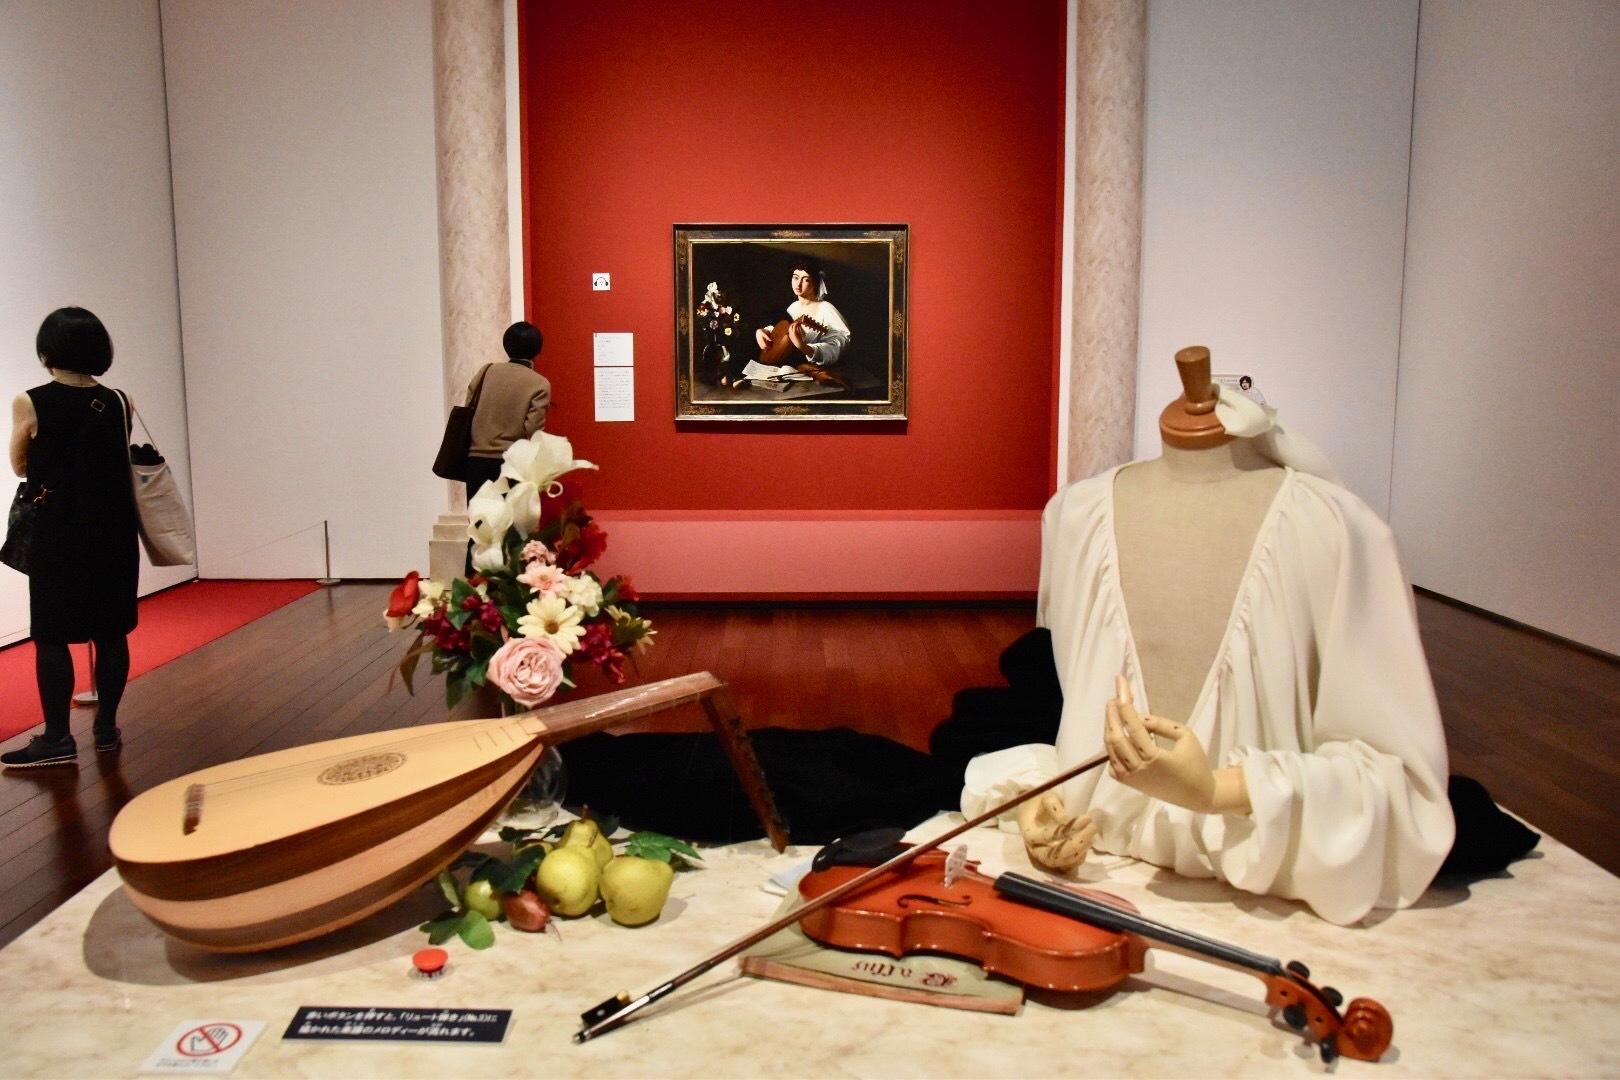 会場には《リュート弾き》を3D化した立体展示も。赤いボタンを押すと、絵画の中に描かれた譜面どおりに、リュートの音色が響く。